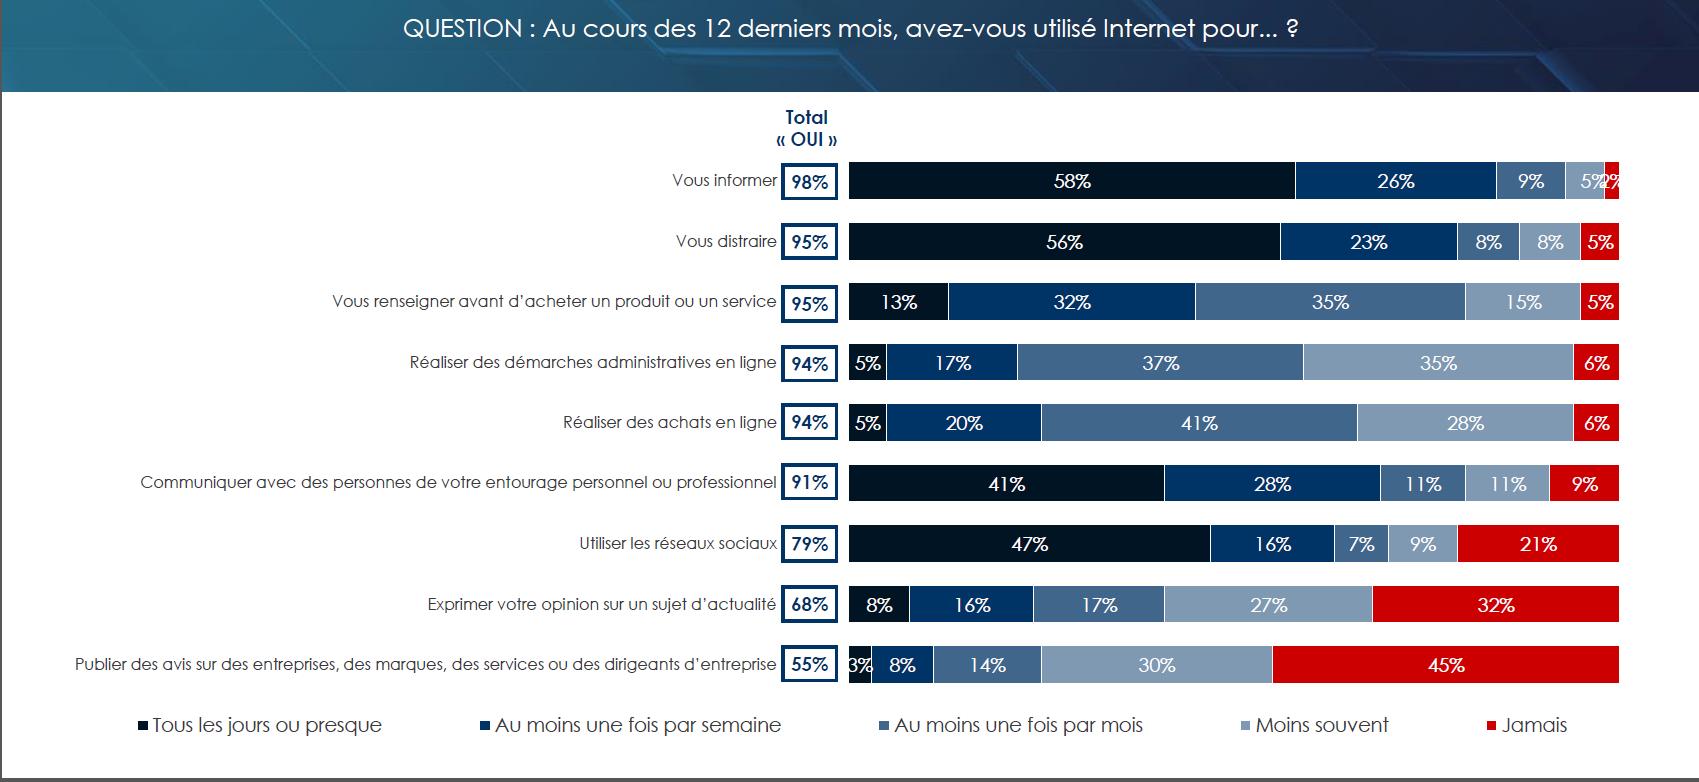 55% des français (66% chez les moins de 35 ans) ont publié un avis sur des entreprises, des marques, des services ou des dirigeants d'entreprises